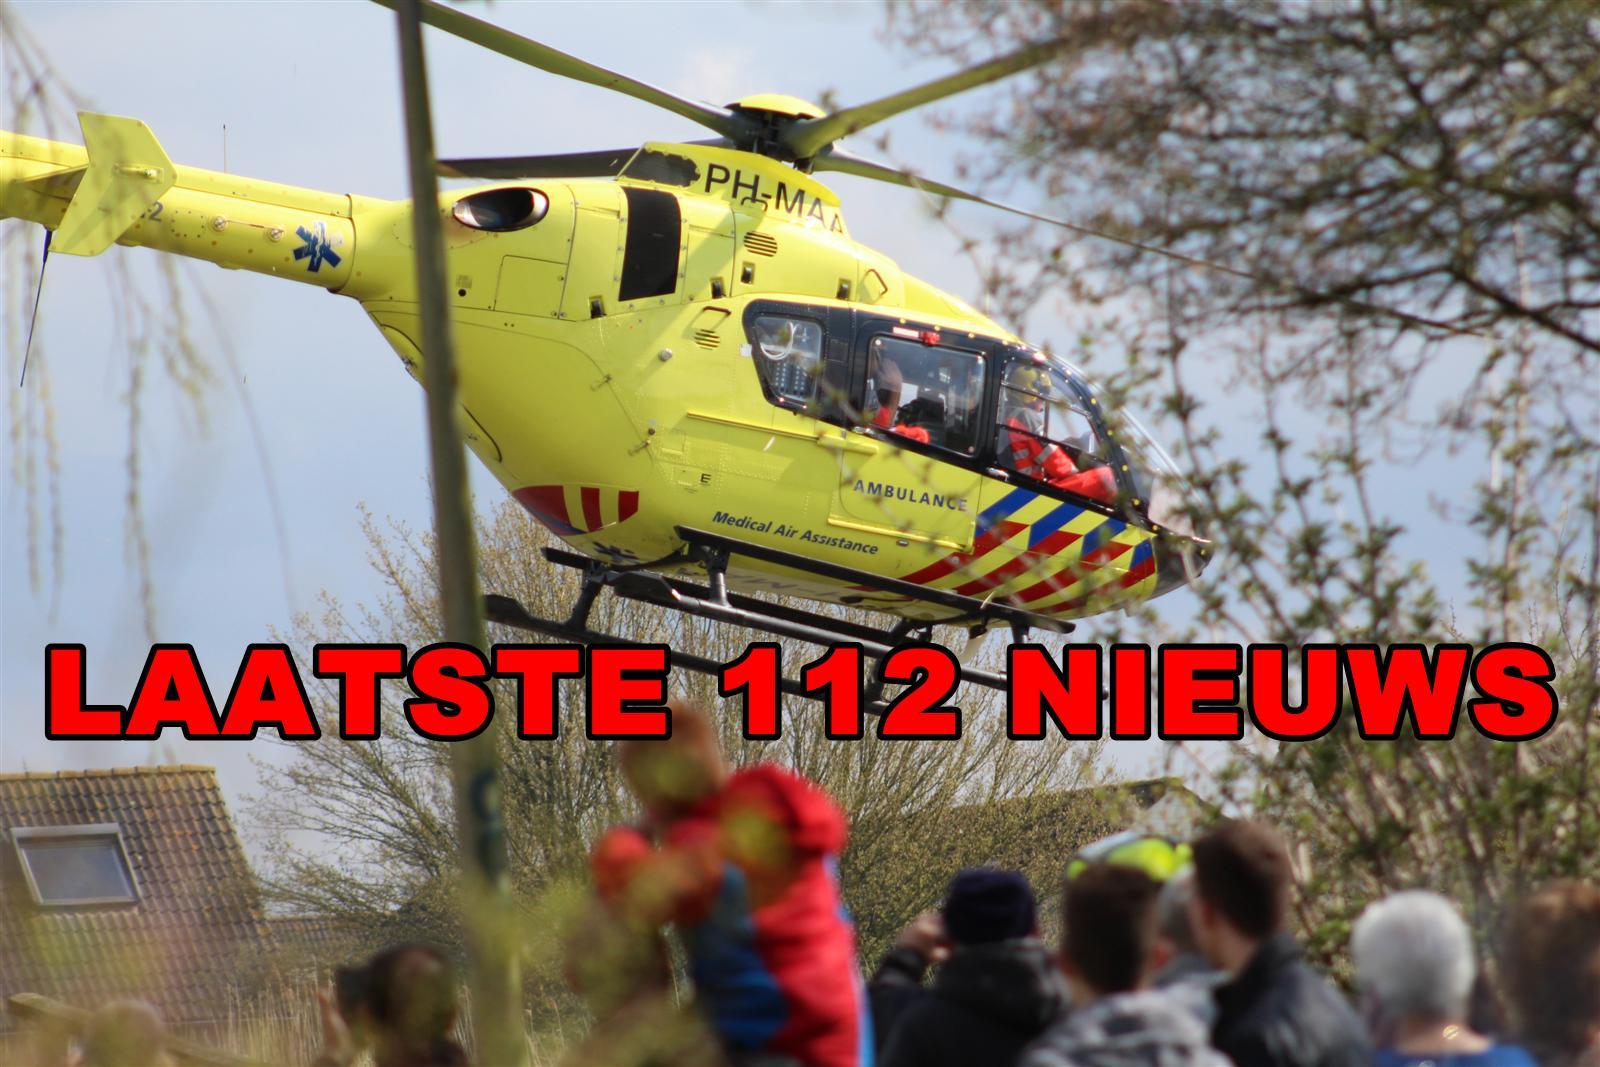 Laatste 112 Nieuws